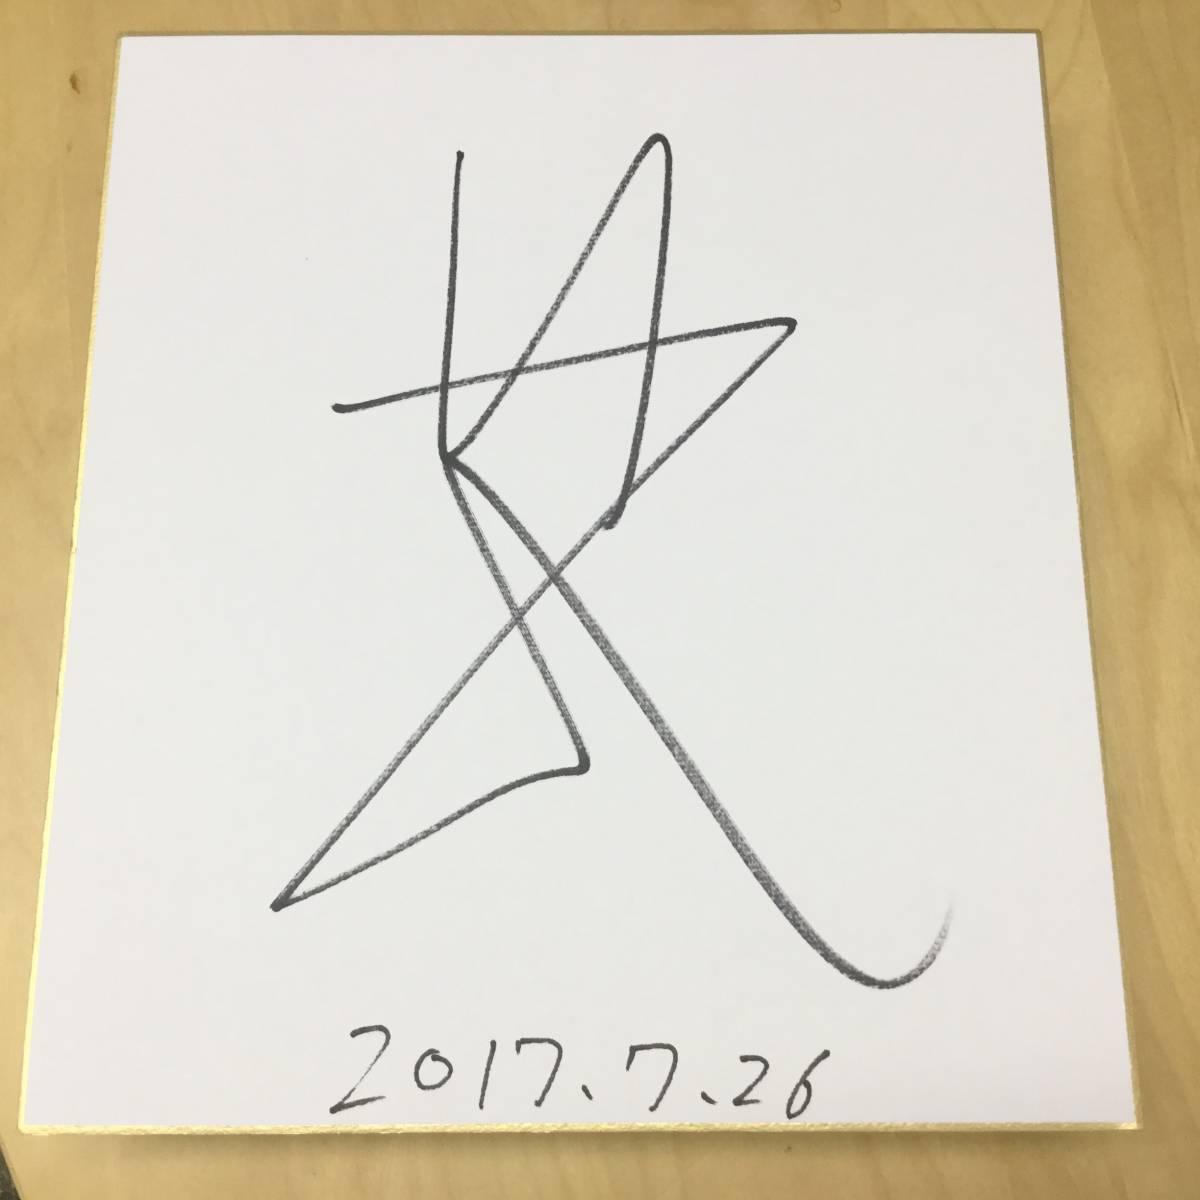 [チャリティ]★☆丹羽孝希選手直筆サイン色紙・1☆★ rfp1105